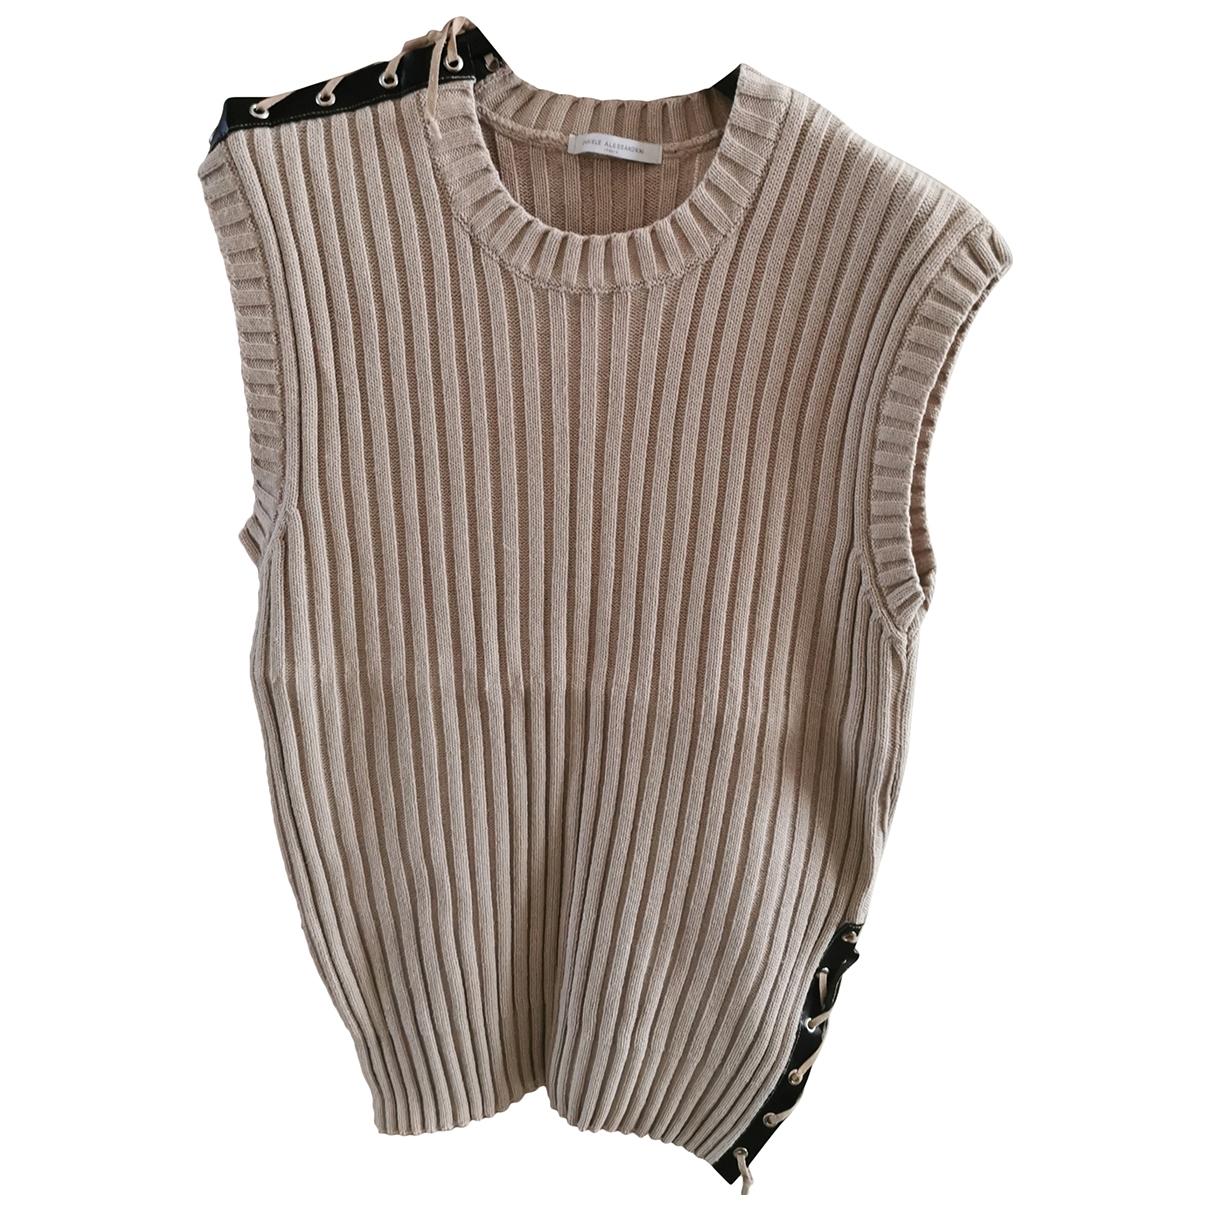 Daniele Alessandrini \N Beige Cotton Knitwear & Sweatshirts for Men L International